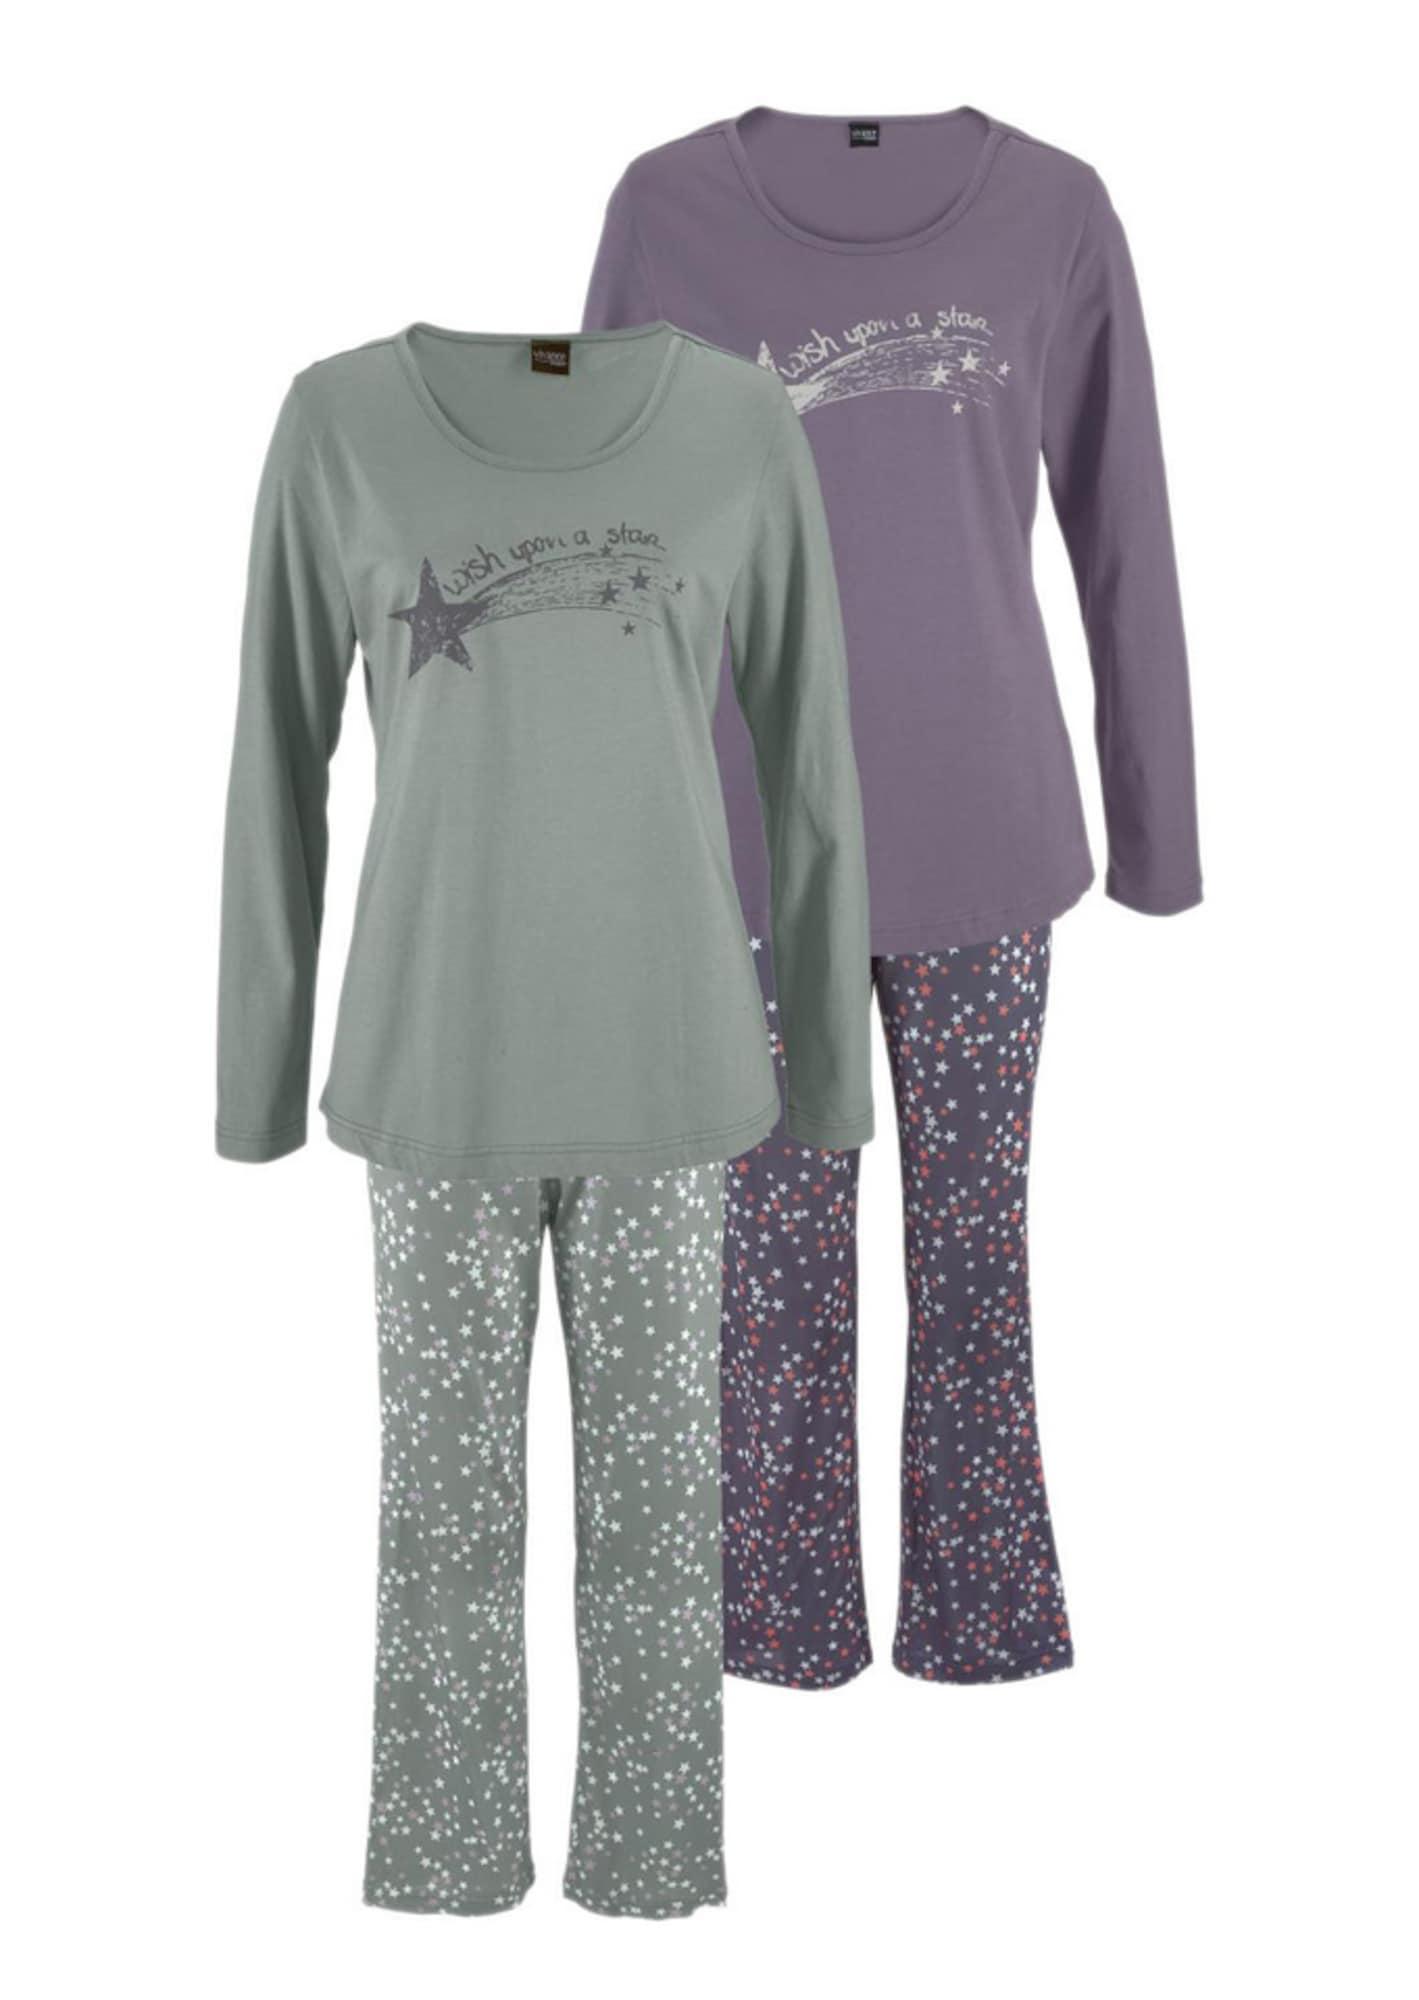 VIVANCE Pižama smaragdinė spalva / šviesiai violetinė